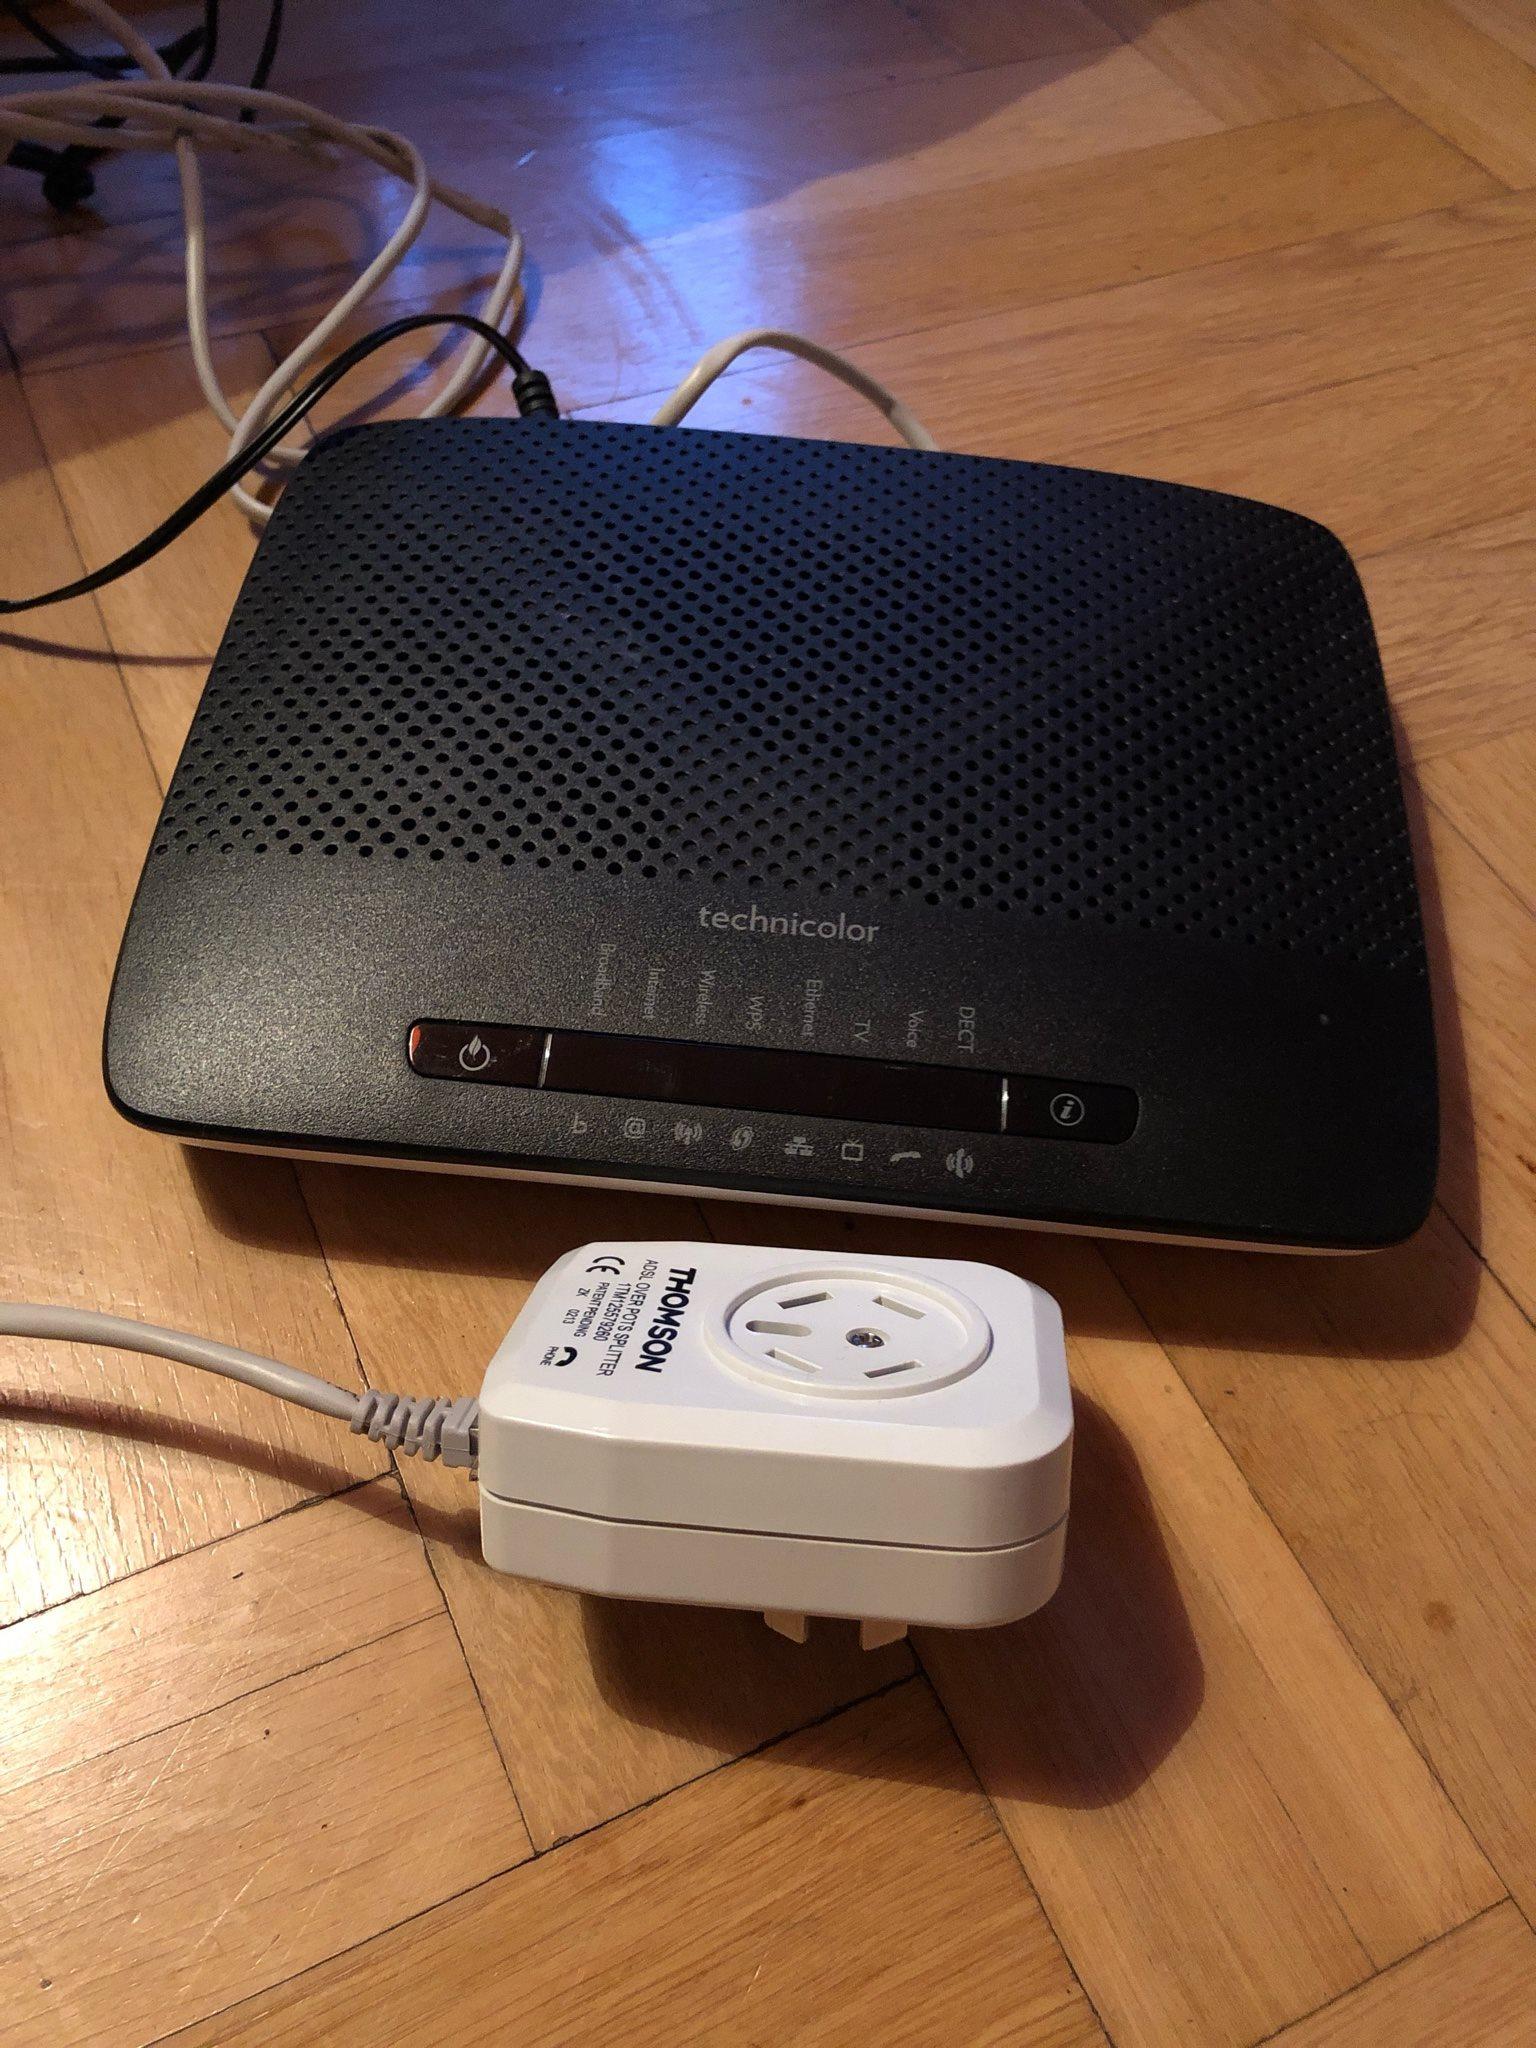 telia adsl modem technicolor